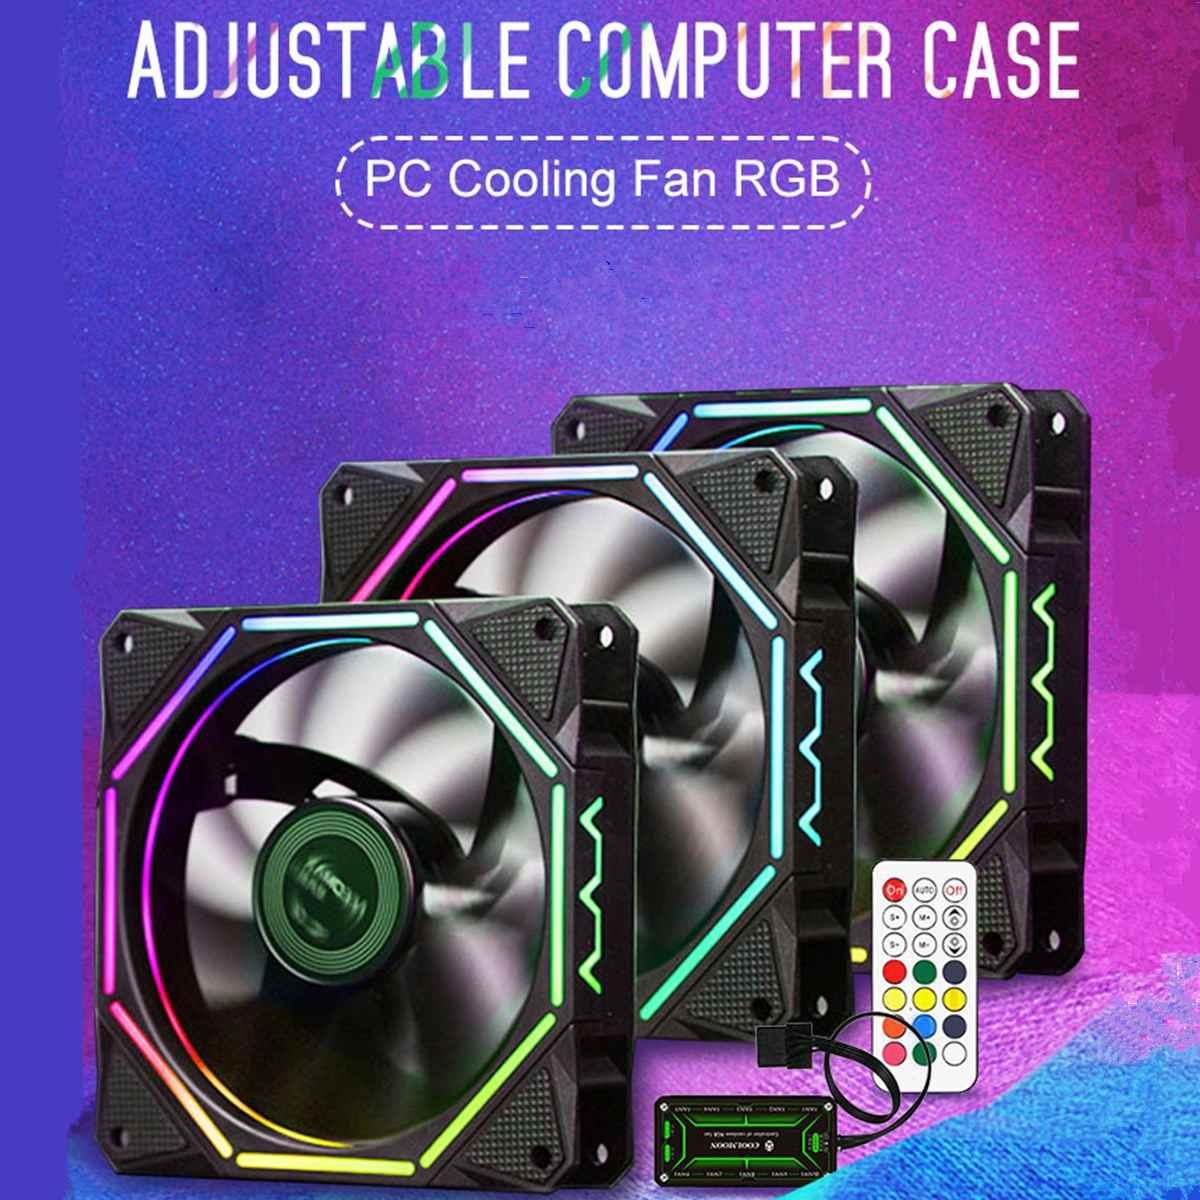 Carcasa de ordenador de 6 pines, ventilador de refrigeración de PC LED ajustable RGB, 120mm, Control remoto por infrarrojos silencioso, refrigerador de computadora, ventilador de refrigeración, ventilador con cubierta CPU